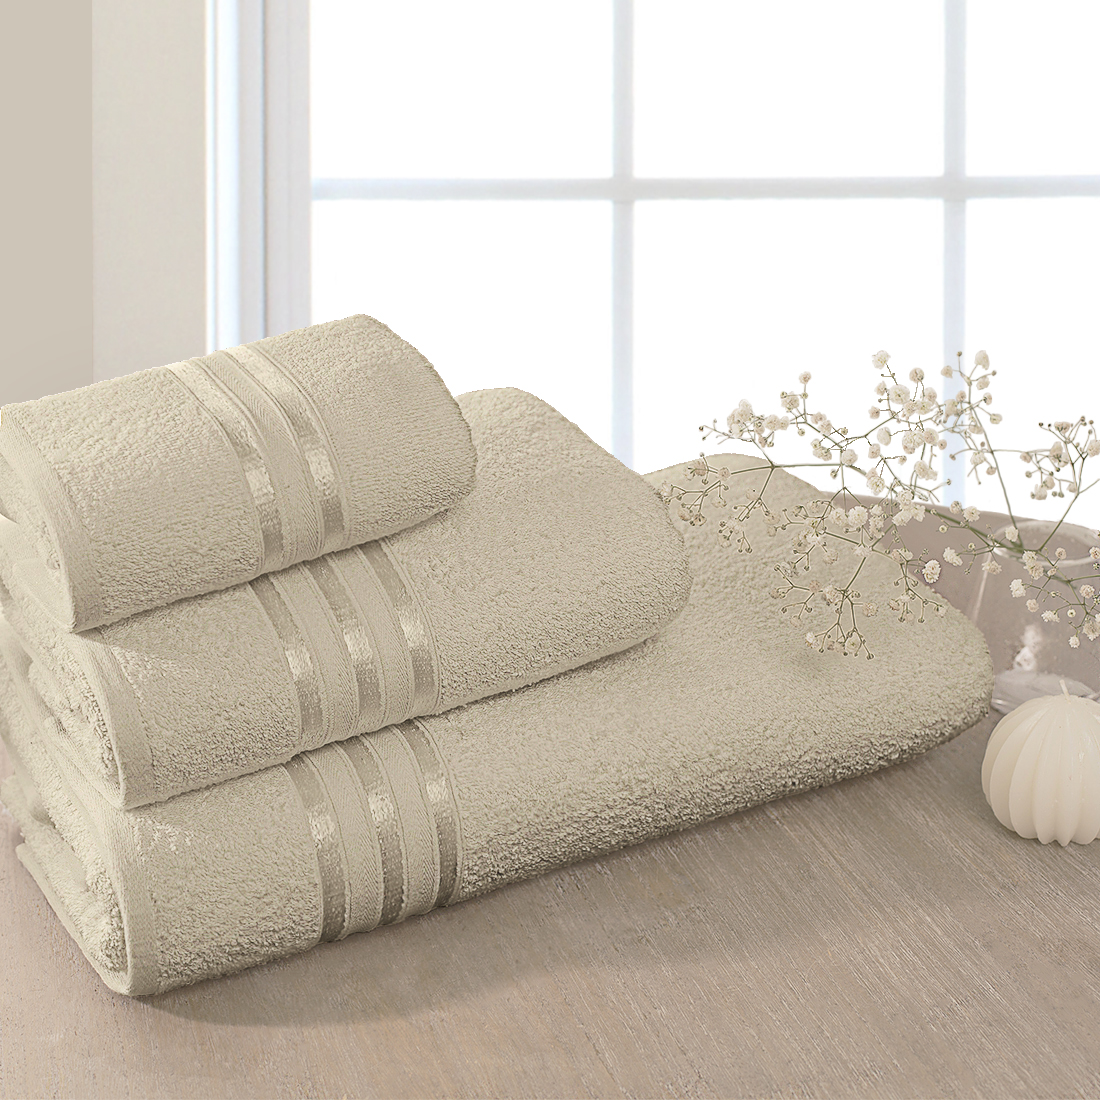 """Полотенце банное Dome """"Harmonika"""" - это махровое полотно, созданное из хлопковых нитей, которые, в свою очередь, прядутся из множества хлопковых волокон. Чем длиннее эти волокна, тем прочнее будет нить, и, соответственно, изделие. Длина составляющих хлопковую нить волокон влияет и на фактуру получаемой ткани: чем они длиннее, тем мягче и пушистее получится махровое изделие, тем лучше будет впитывать изделие воду. Мягкая махровая ткань отлично впитывает влагу и быстро сохнет."""